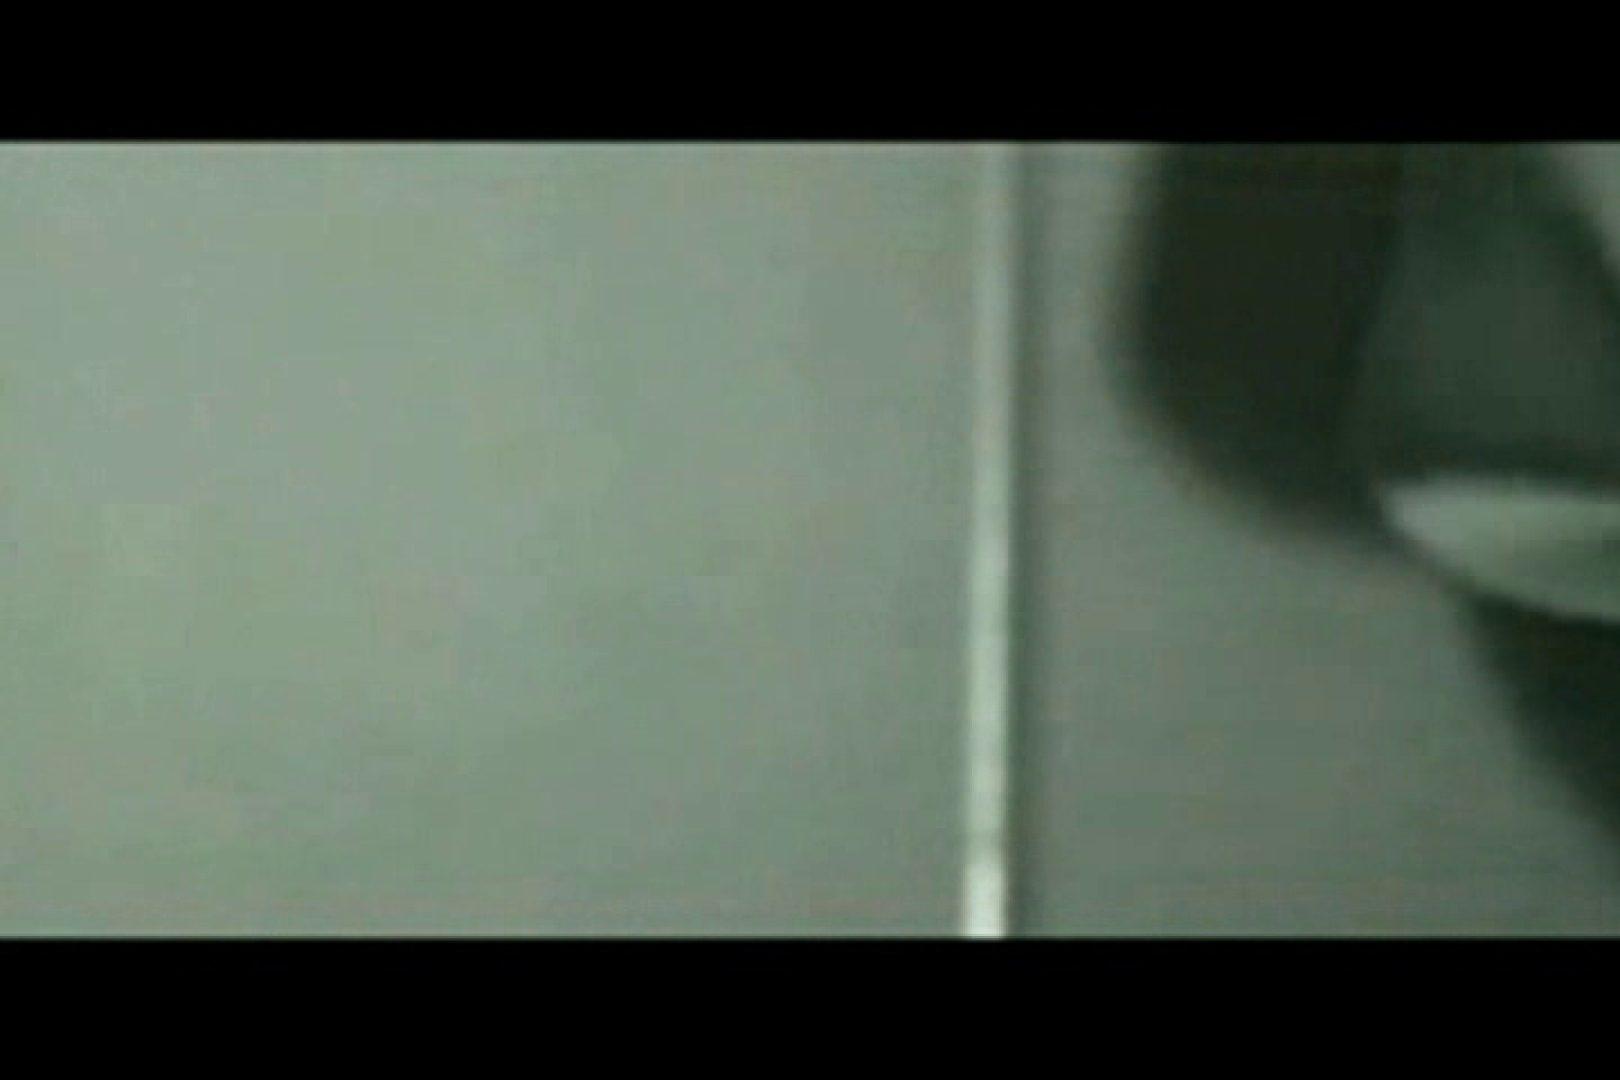 ぼっとん洗面所スペシャルVol.18 おまんこ無修正 | 洗面所  22pic 4